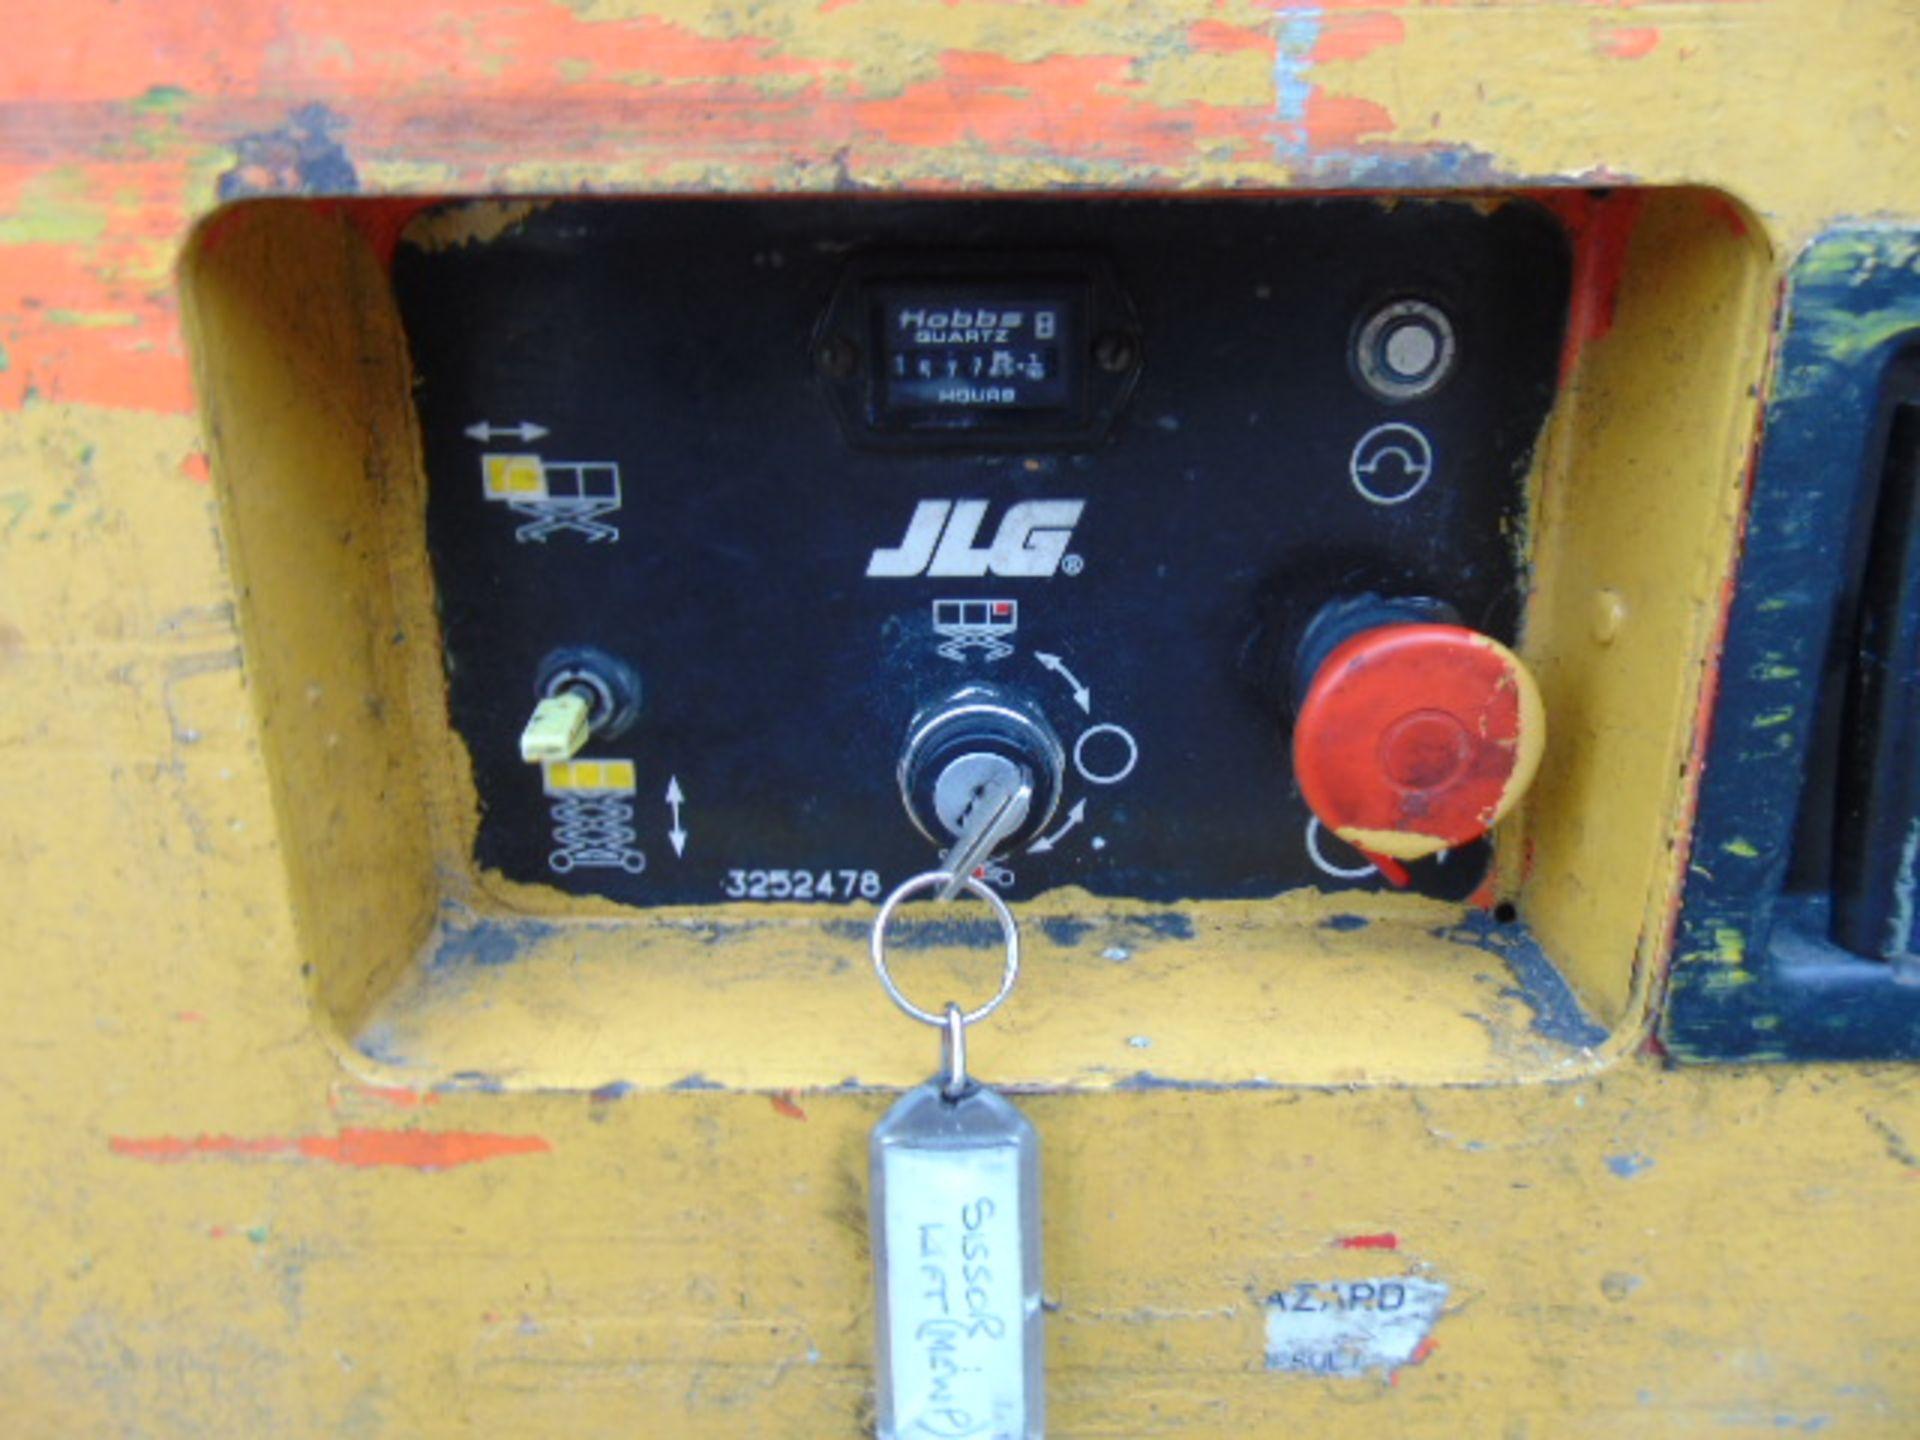 Lot 24 - JLG 2646 E Aerial Work Platform Scissor Lift